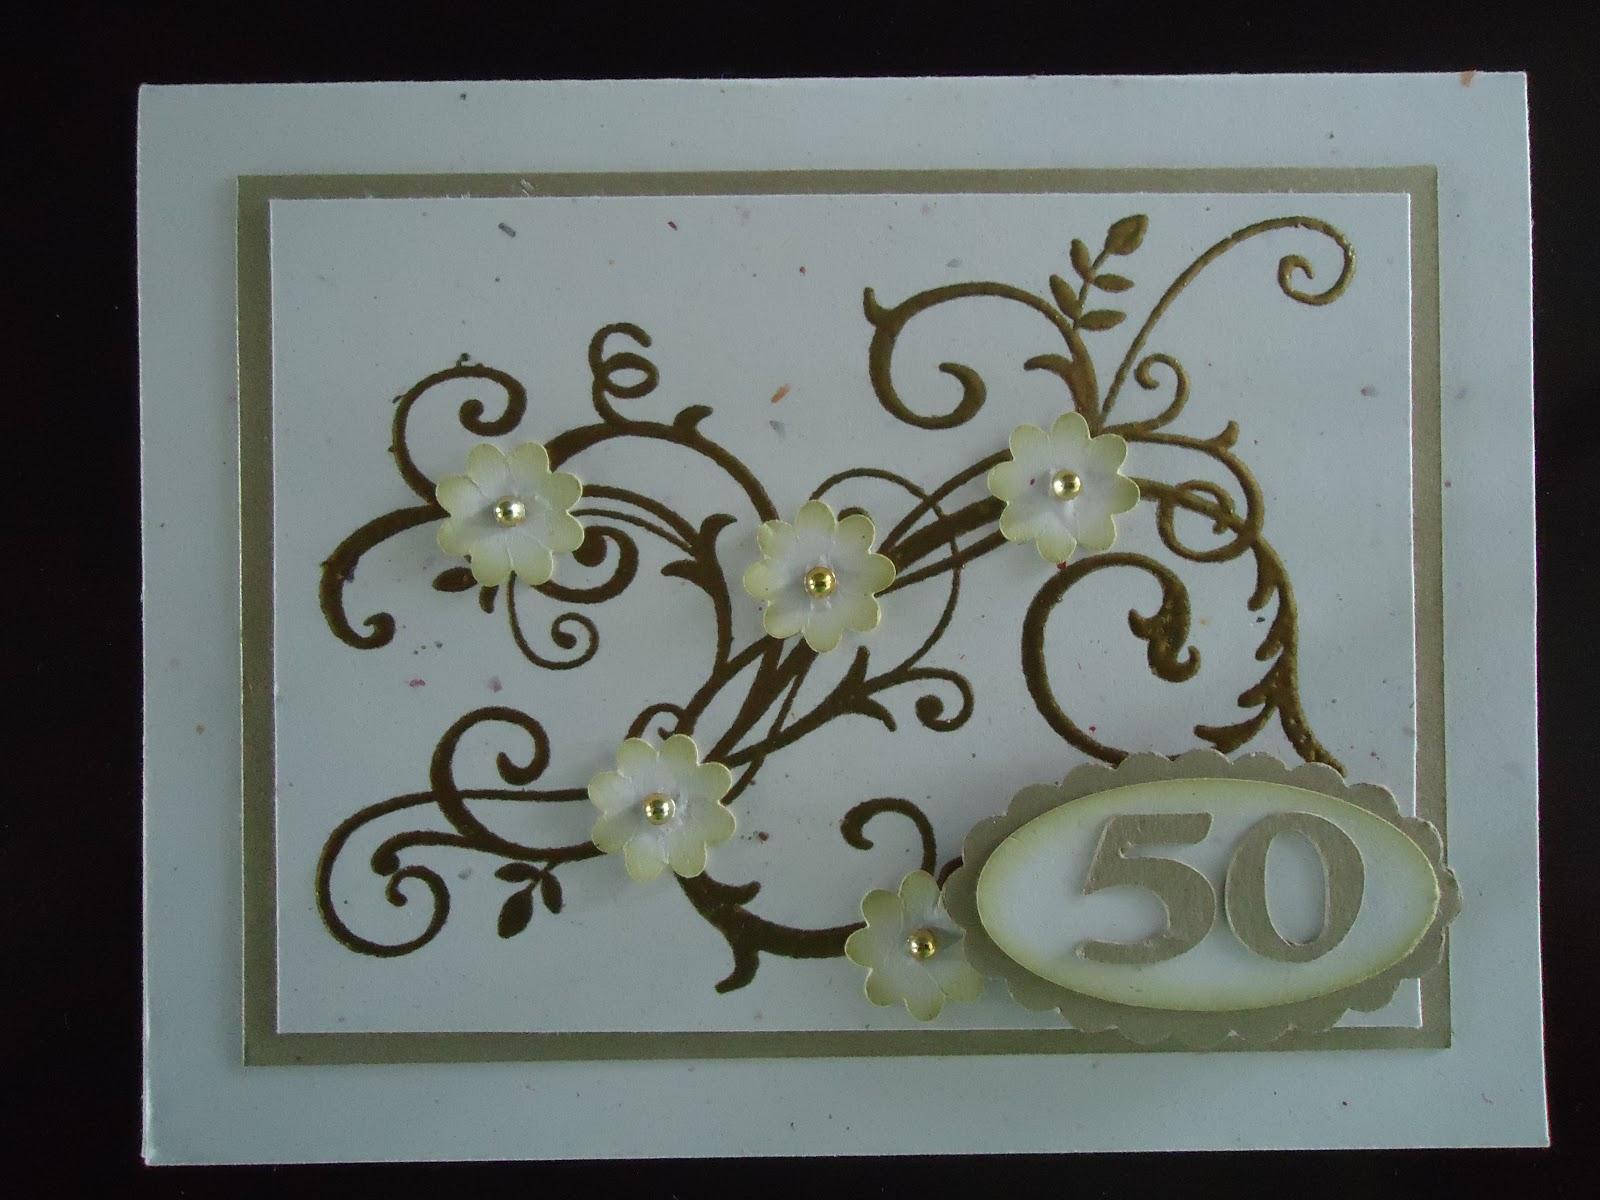 Les cr ations de nancy 50e anniversaire et du patinage for 50e anniversaire de mariage